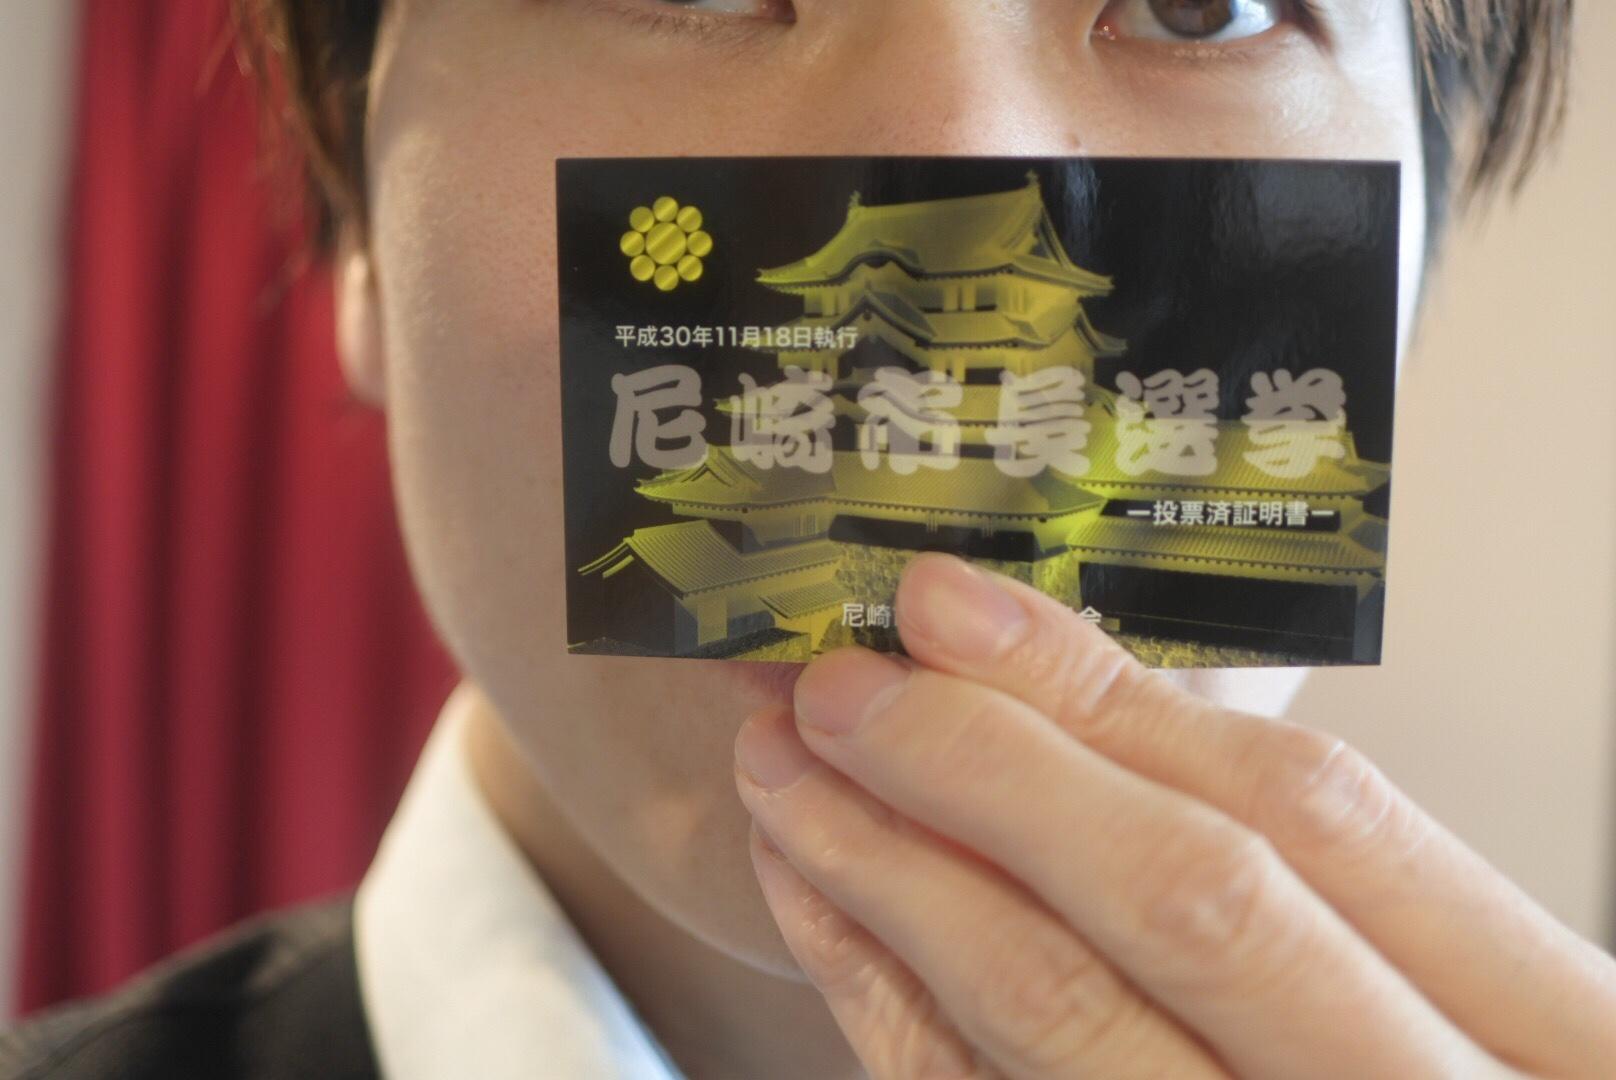 朝イチに選挙会場に行ったら激レアカード配ってた